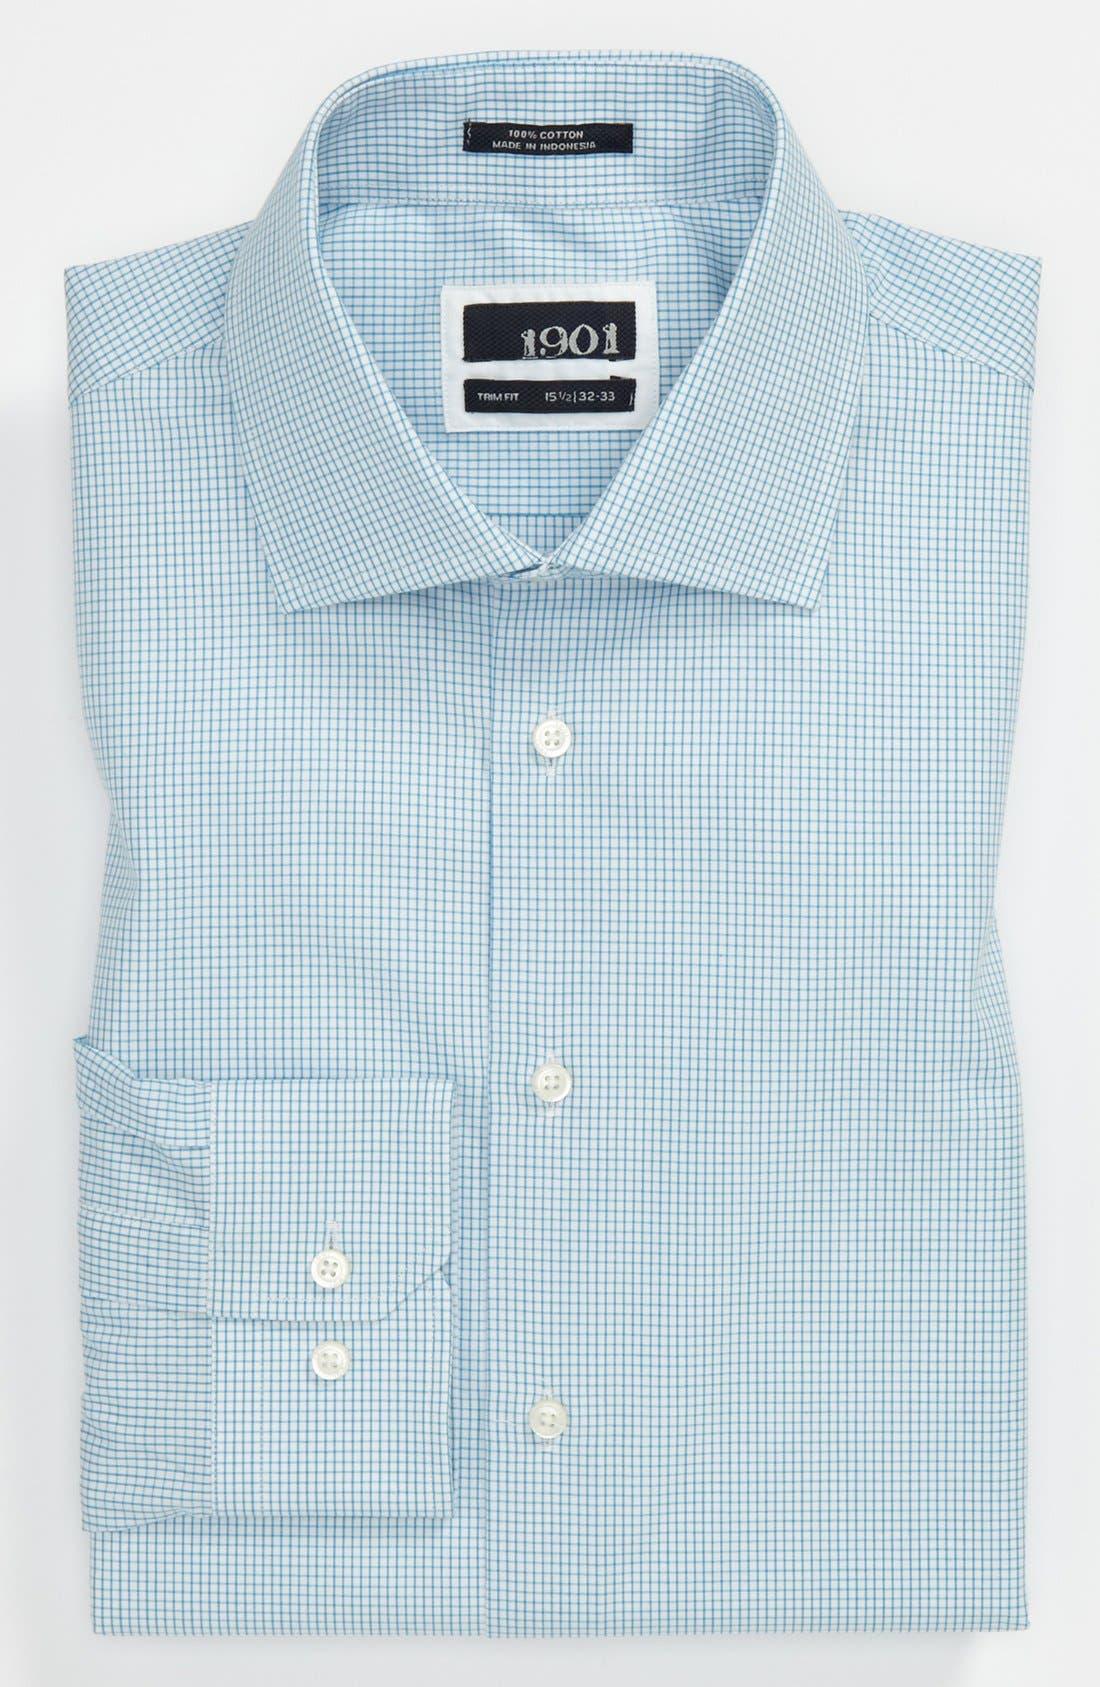 Trim Fit Dress Shirt,                             Main thumbnail 1, color,                             450